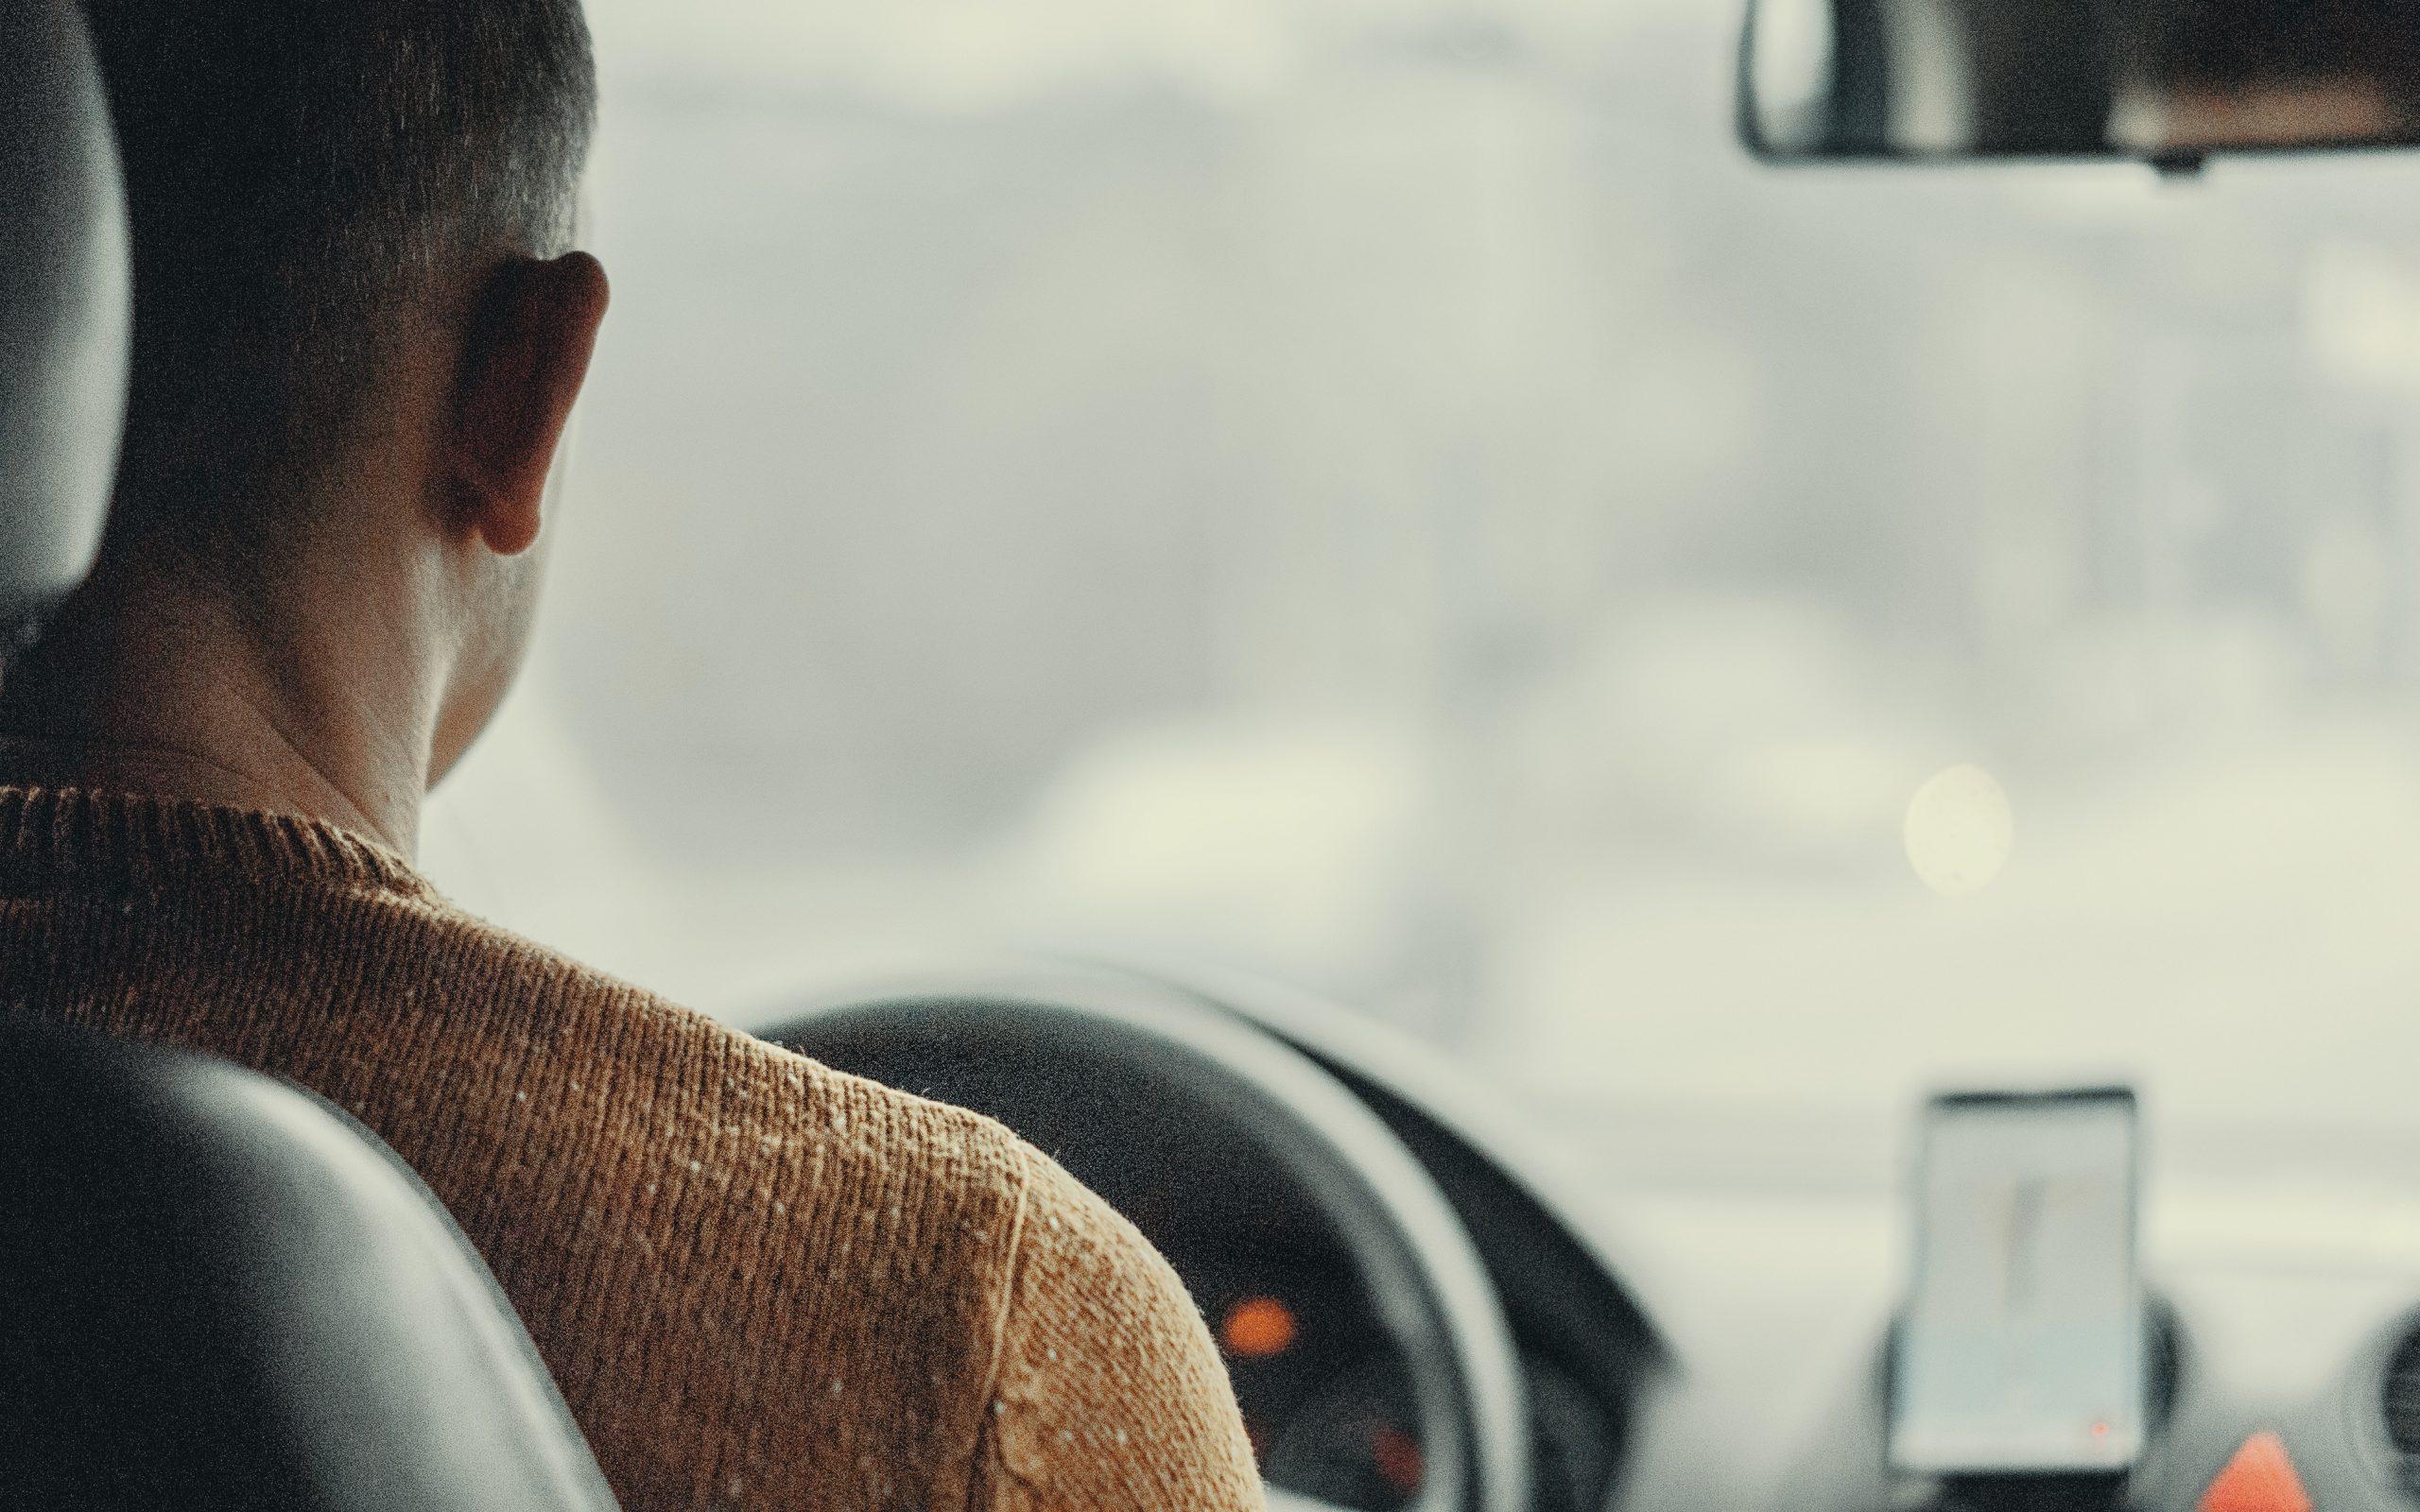 Faire appel à un chauffeur indépendant